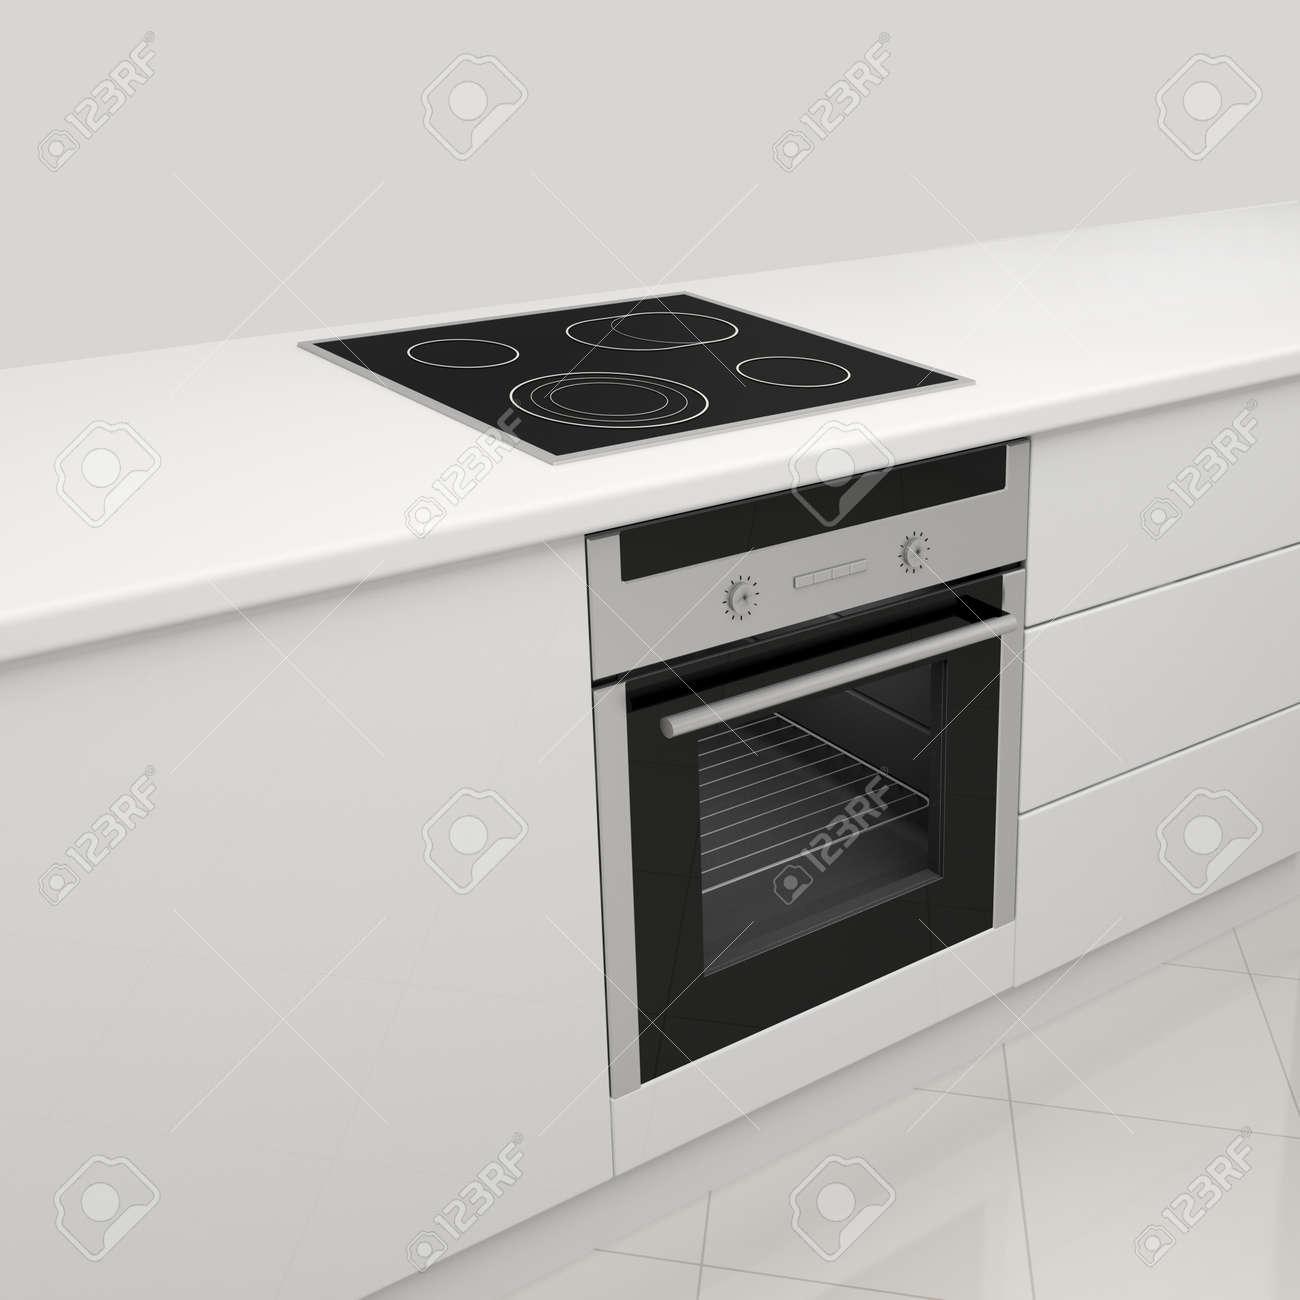 Cucina Bianca Con Piano Cottura In Vetroceramica E Forno Foto ...